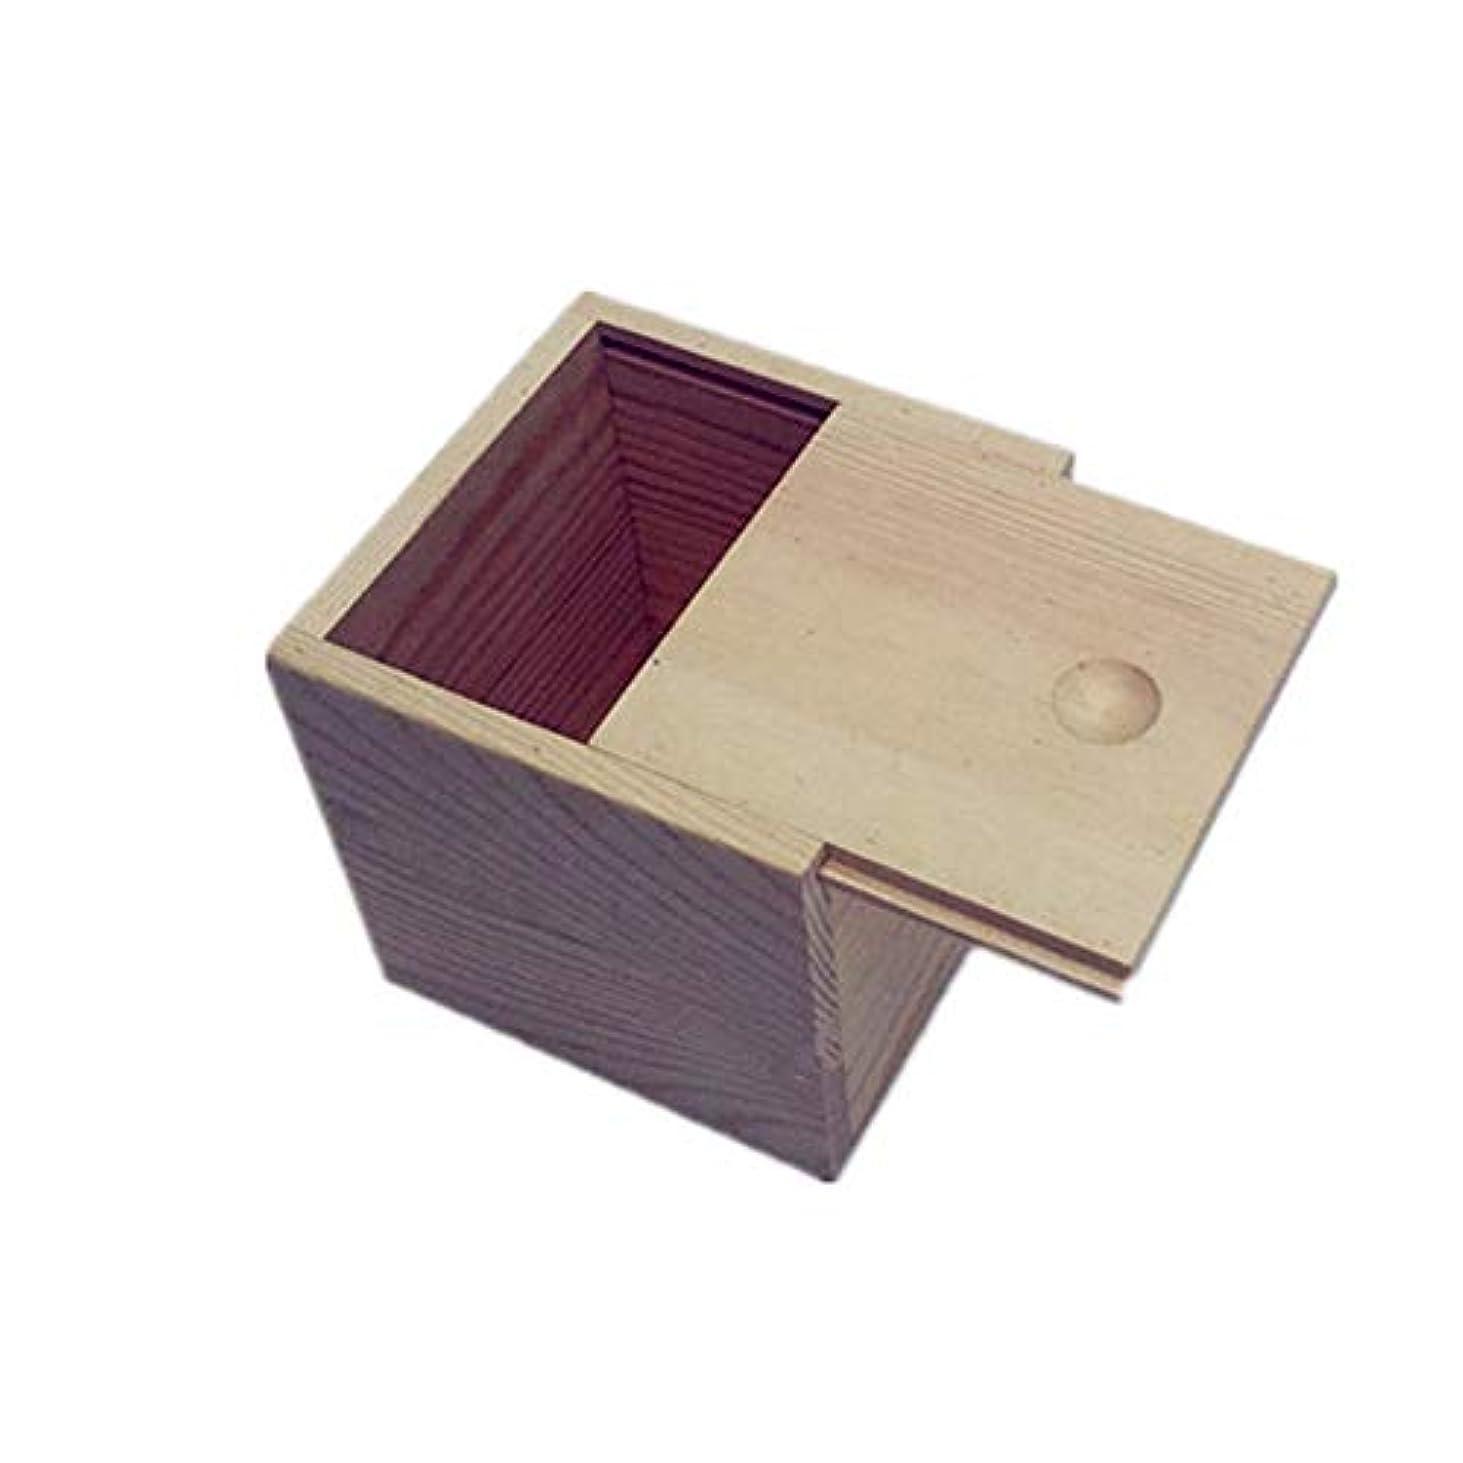 モニカディレクター手配するエッセンシャルオイルストレージボックス 木製のエッセンシャルオイルストレージボックス安全なスペースセーバーあなたの油を維持するためのベスト 旅行およびプレゼンテーション用 (色 : Natural, サイズ : 9X9X5CM)